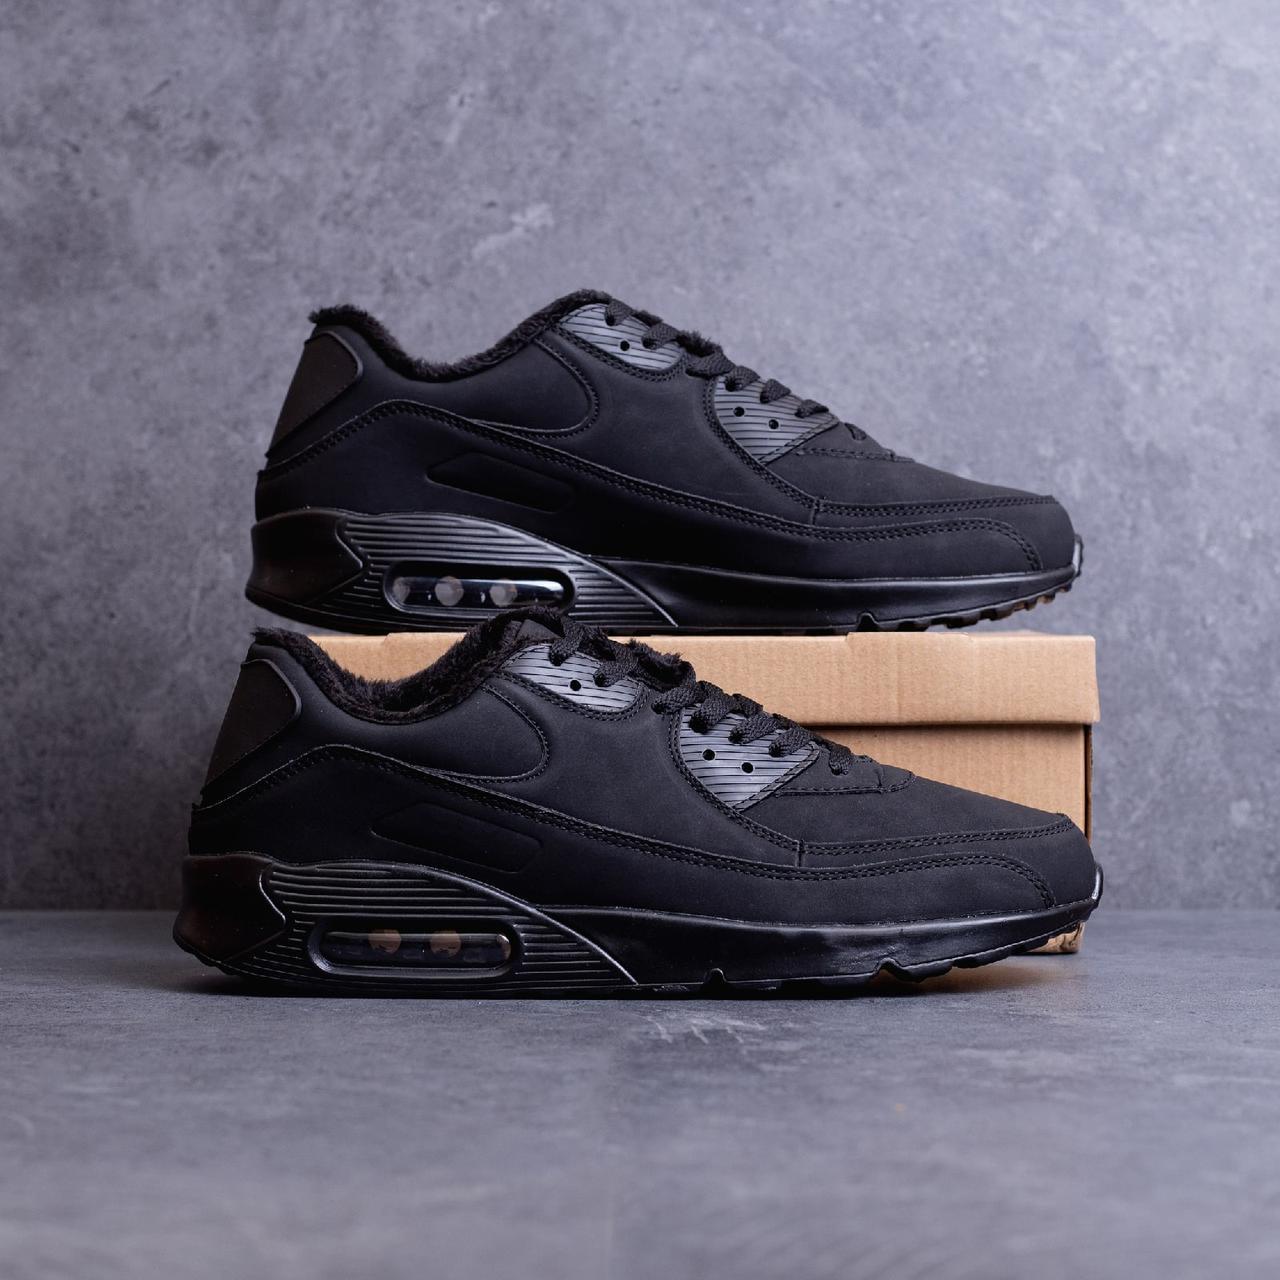 Мужские Зимние Черные Кроссовки в стиле Air Max обувь с Мехом Размеры 43,44,45